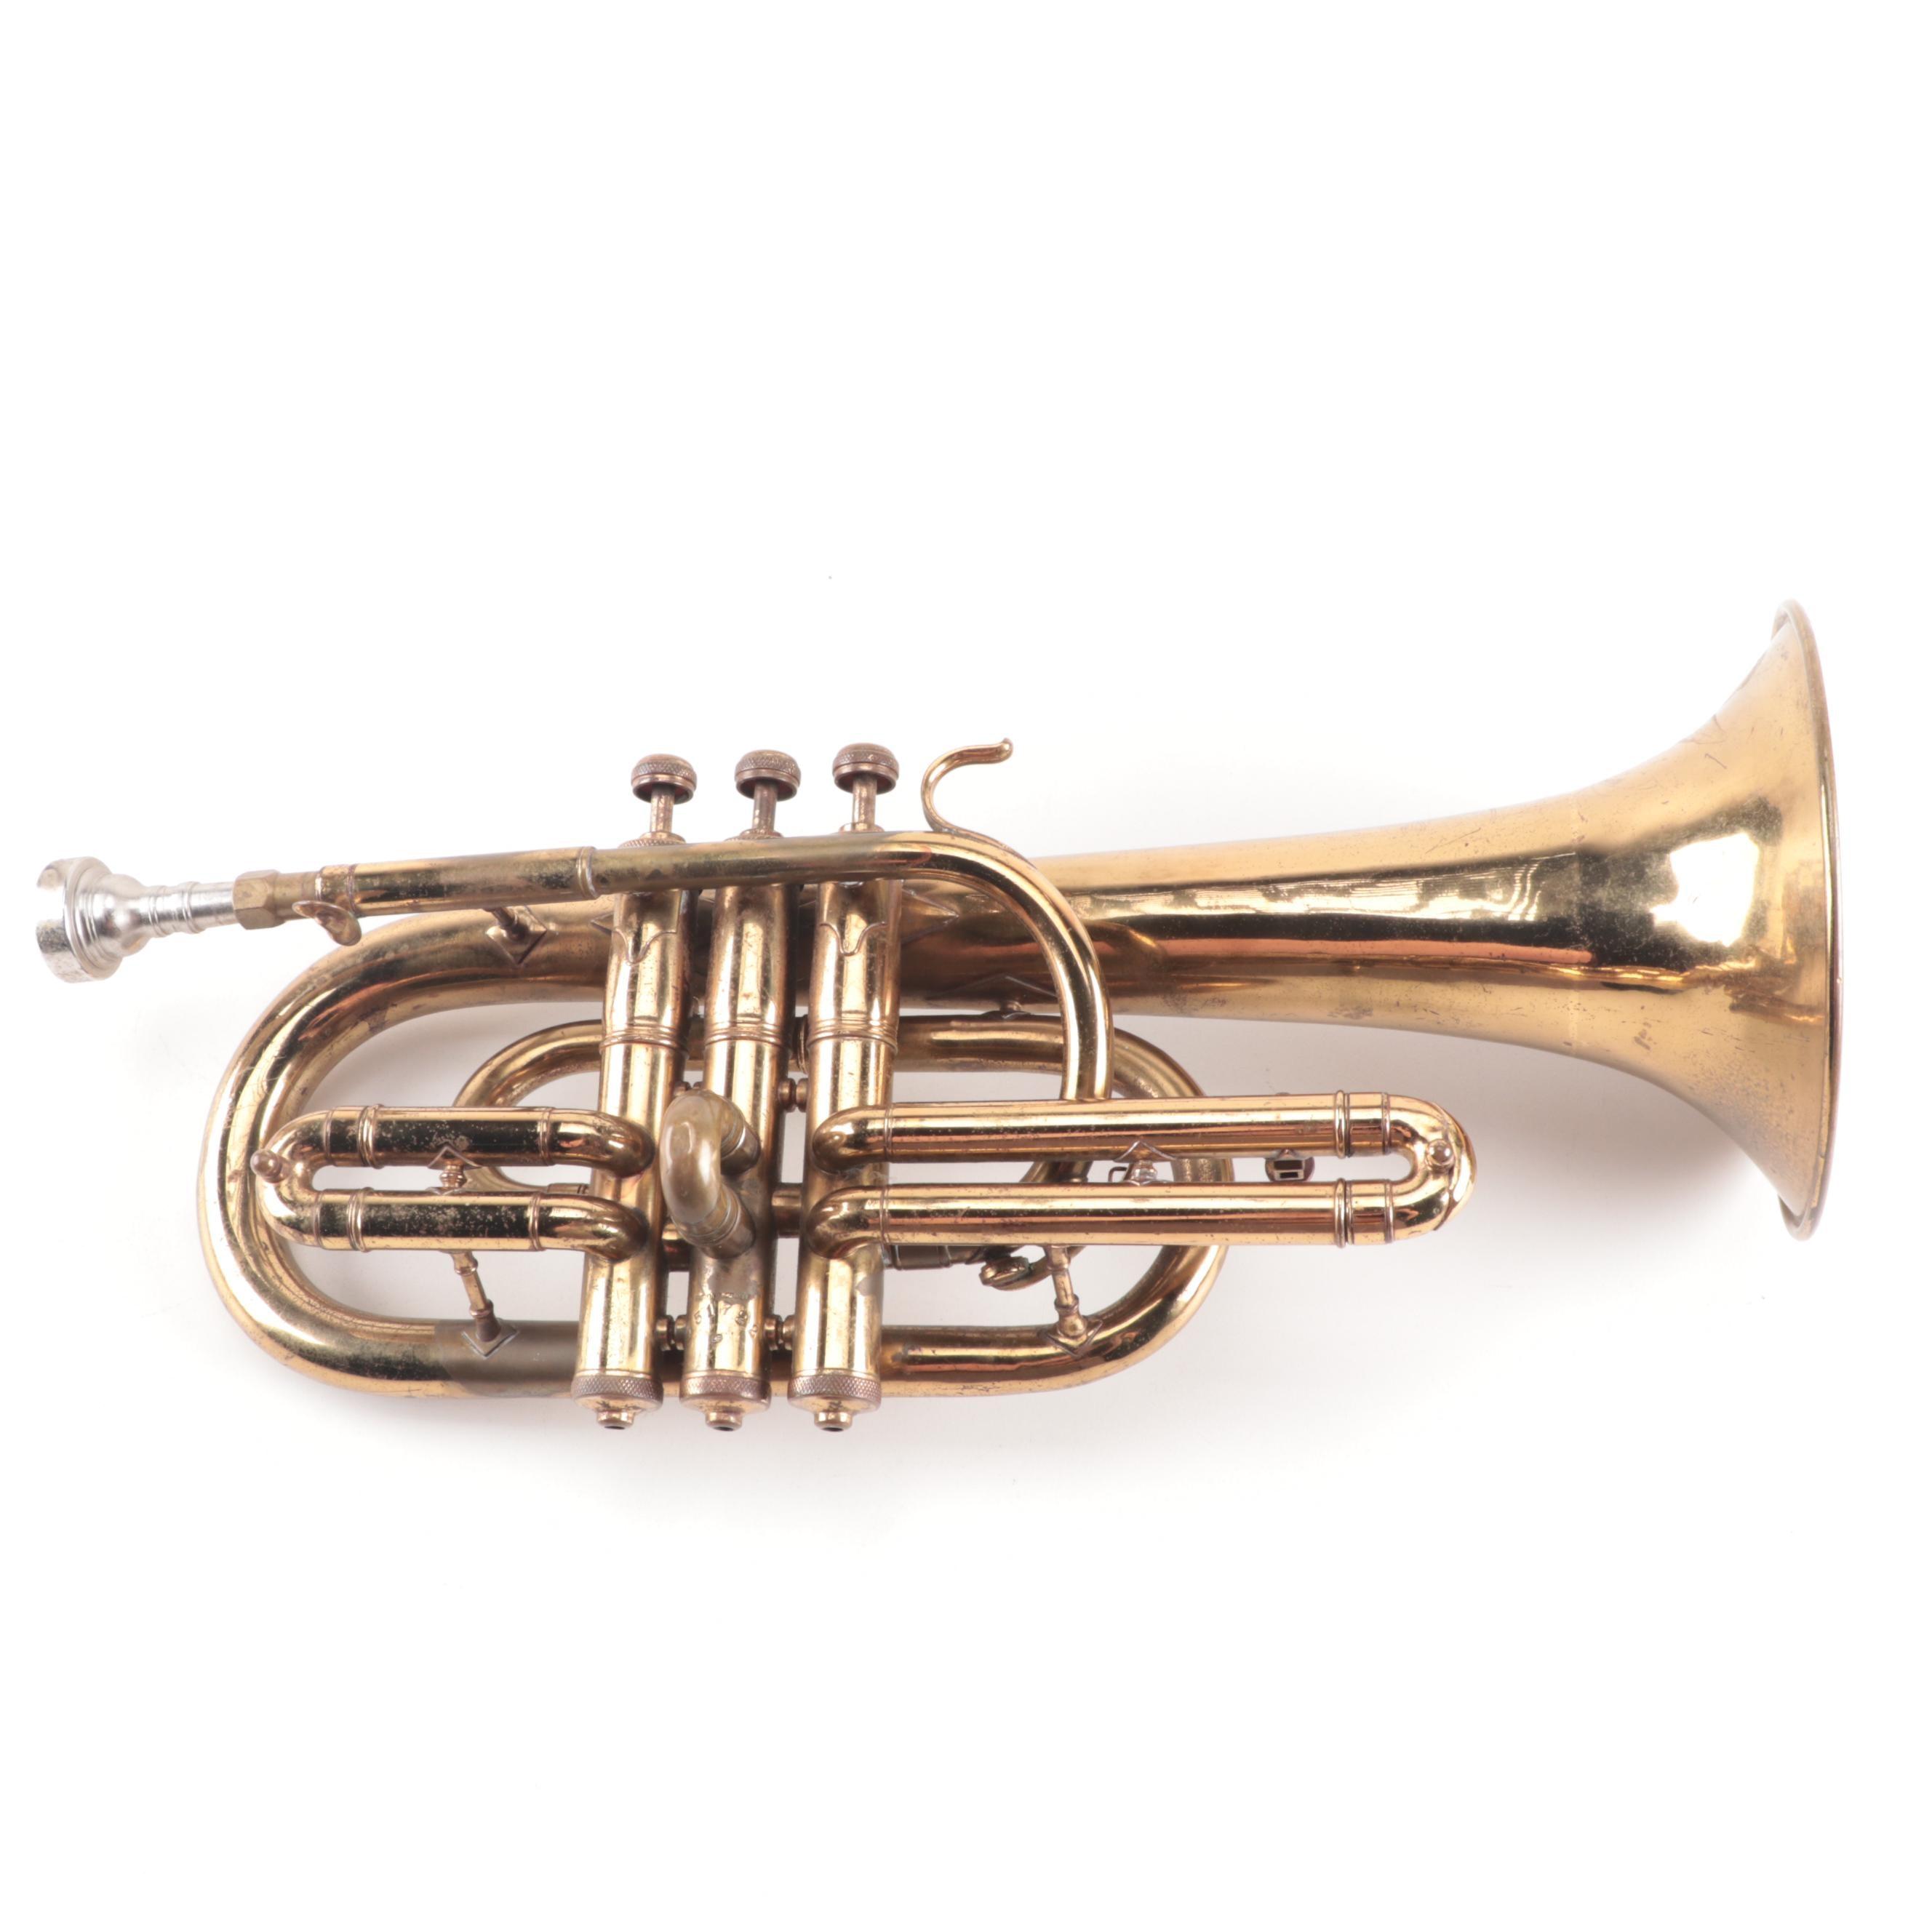 1924 Buescher True Tone Trumpet